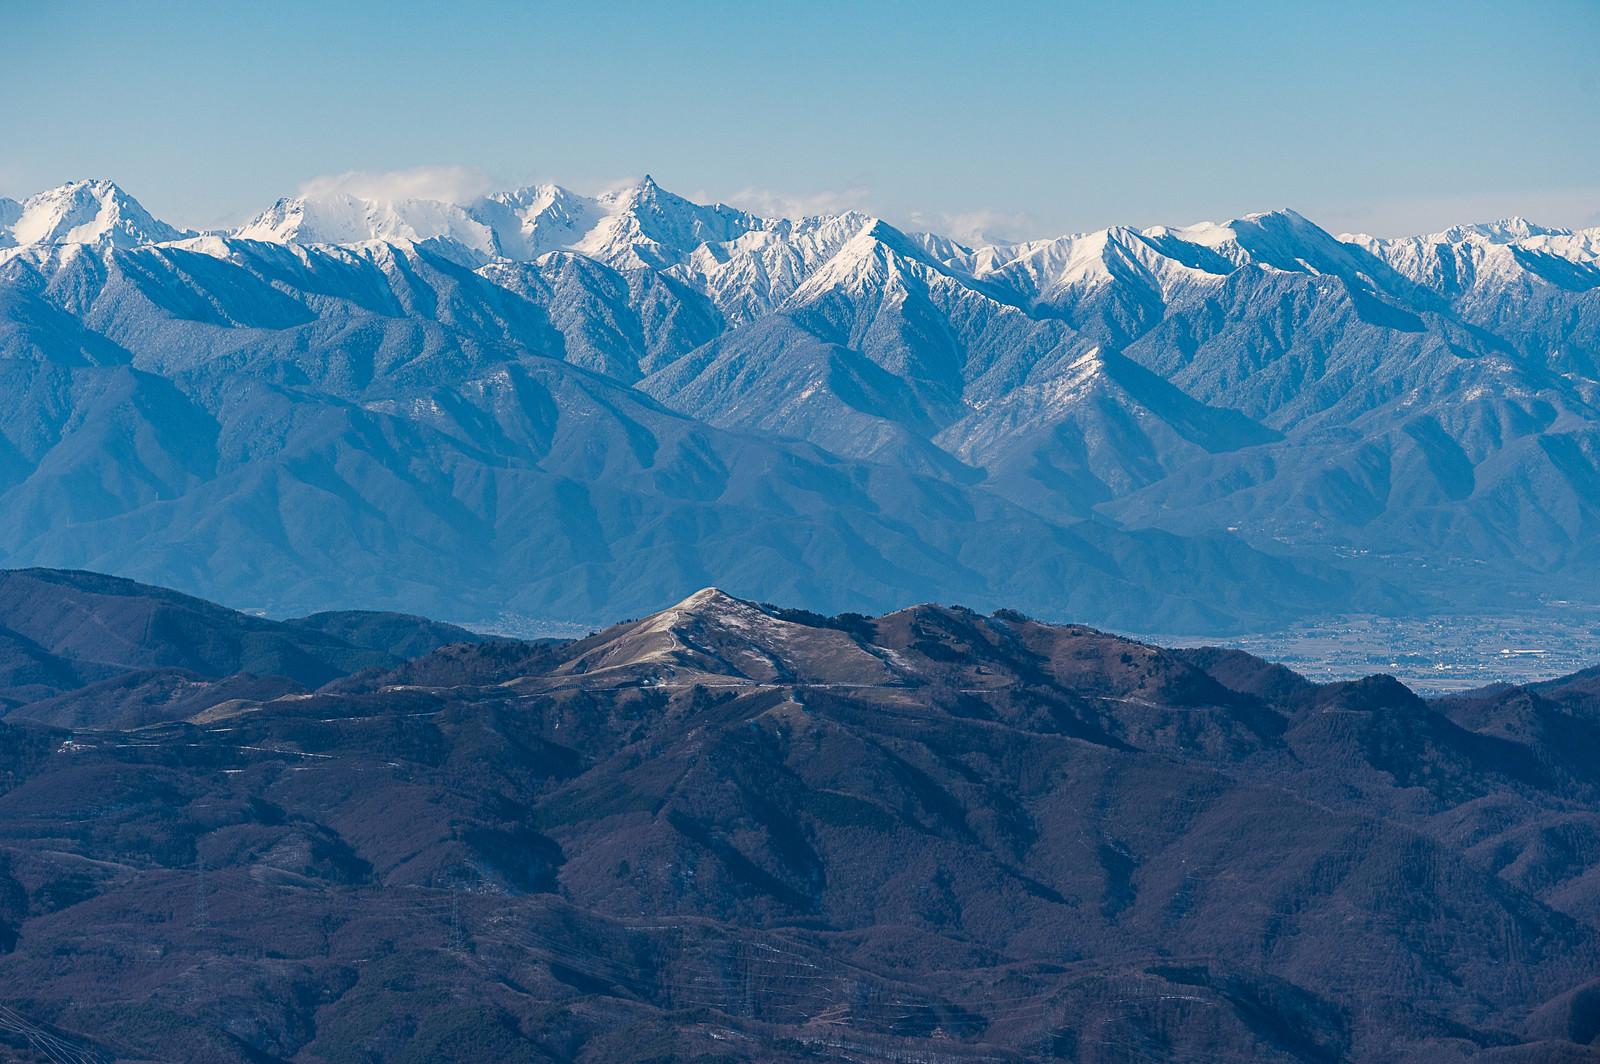 「冬の蓼科山(たてしなやま)から望む霧ヶ峰と槍穂高連峰」の写真